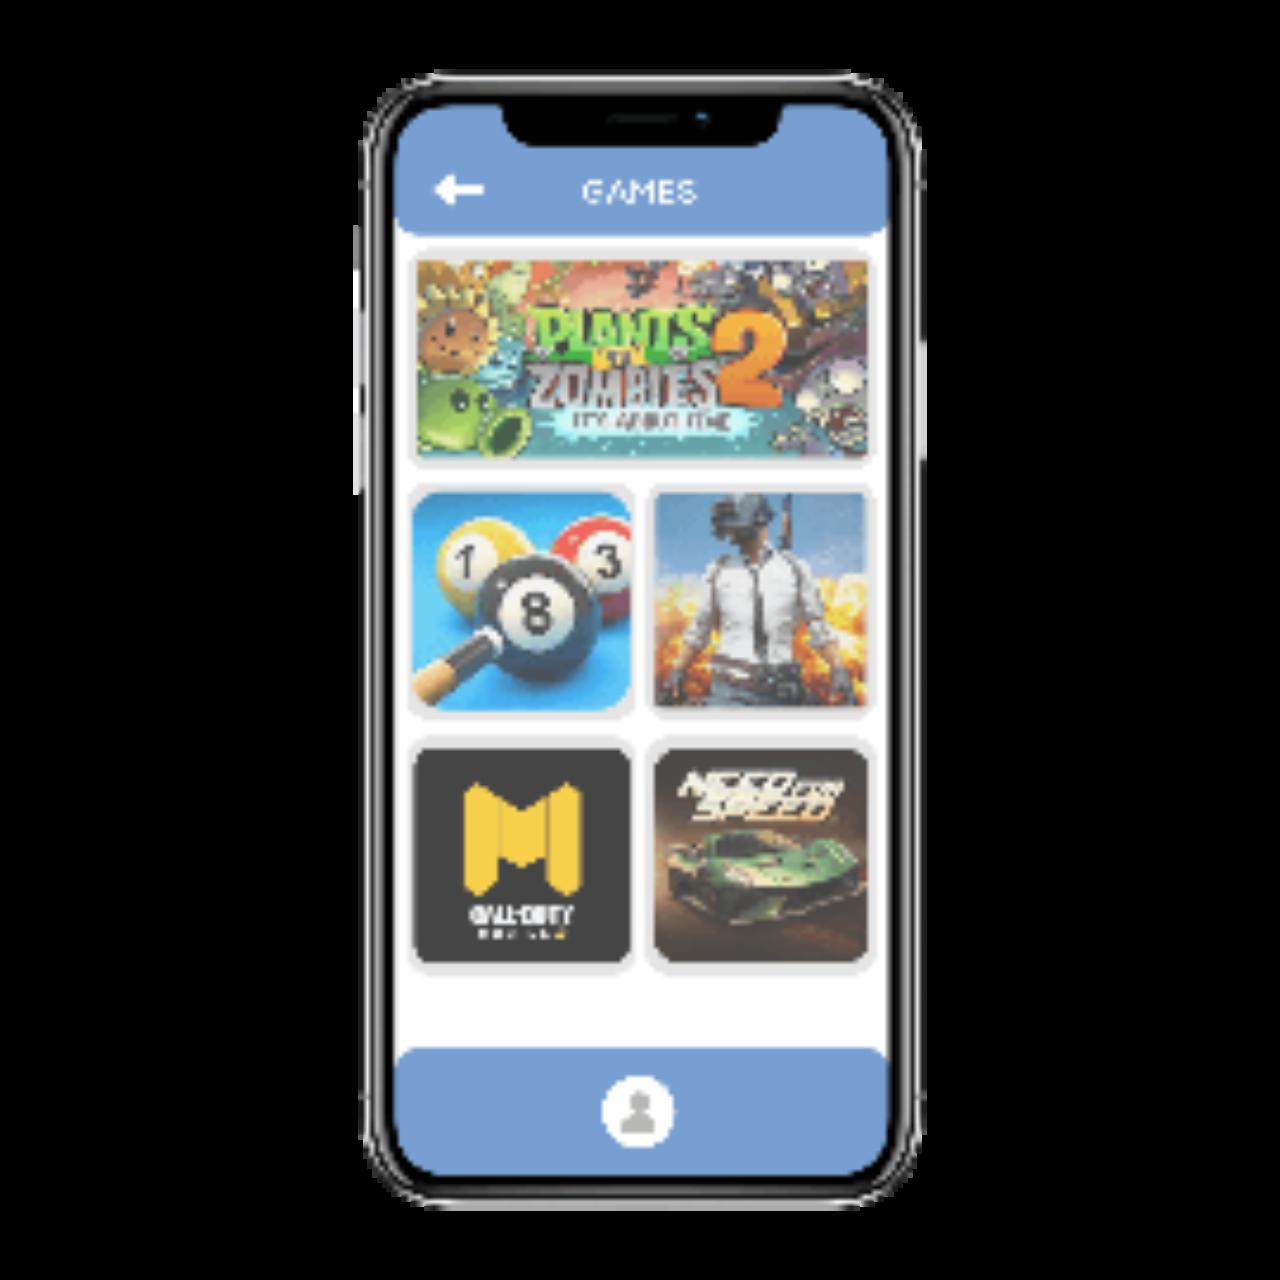 Messaging app - games